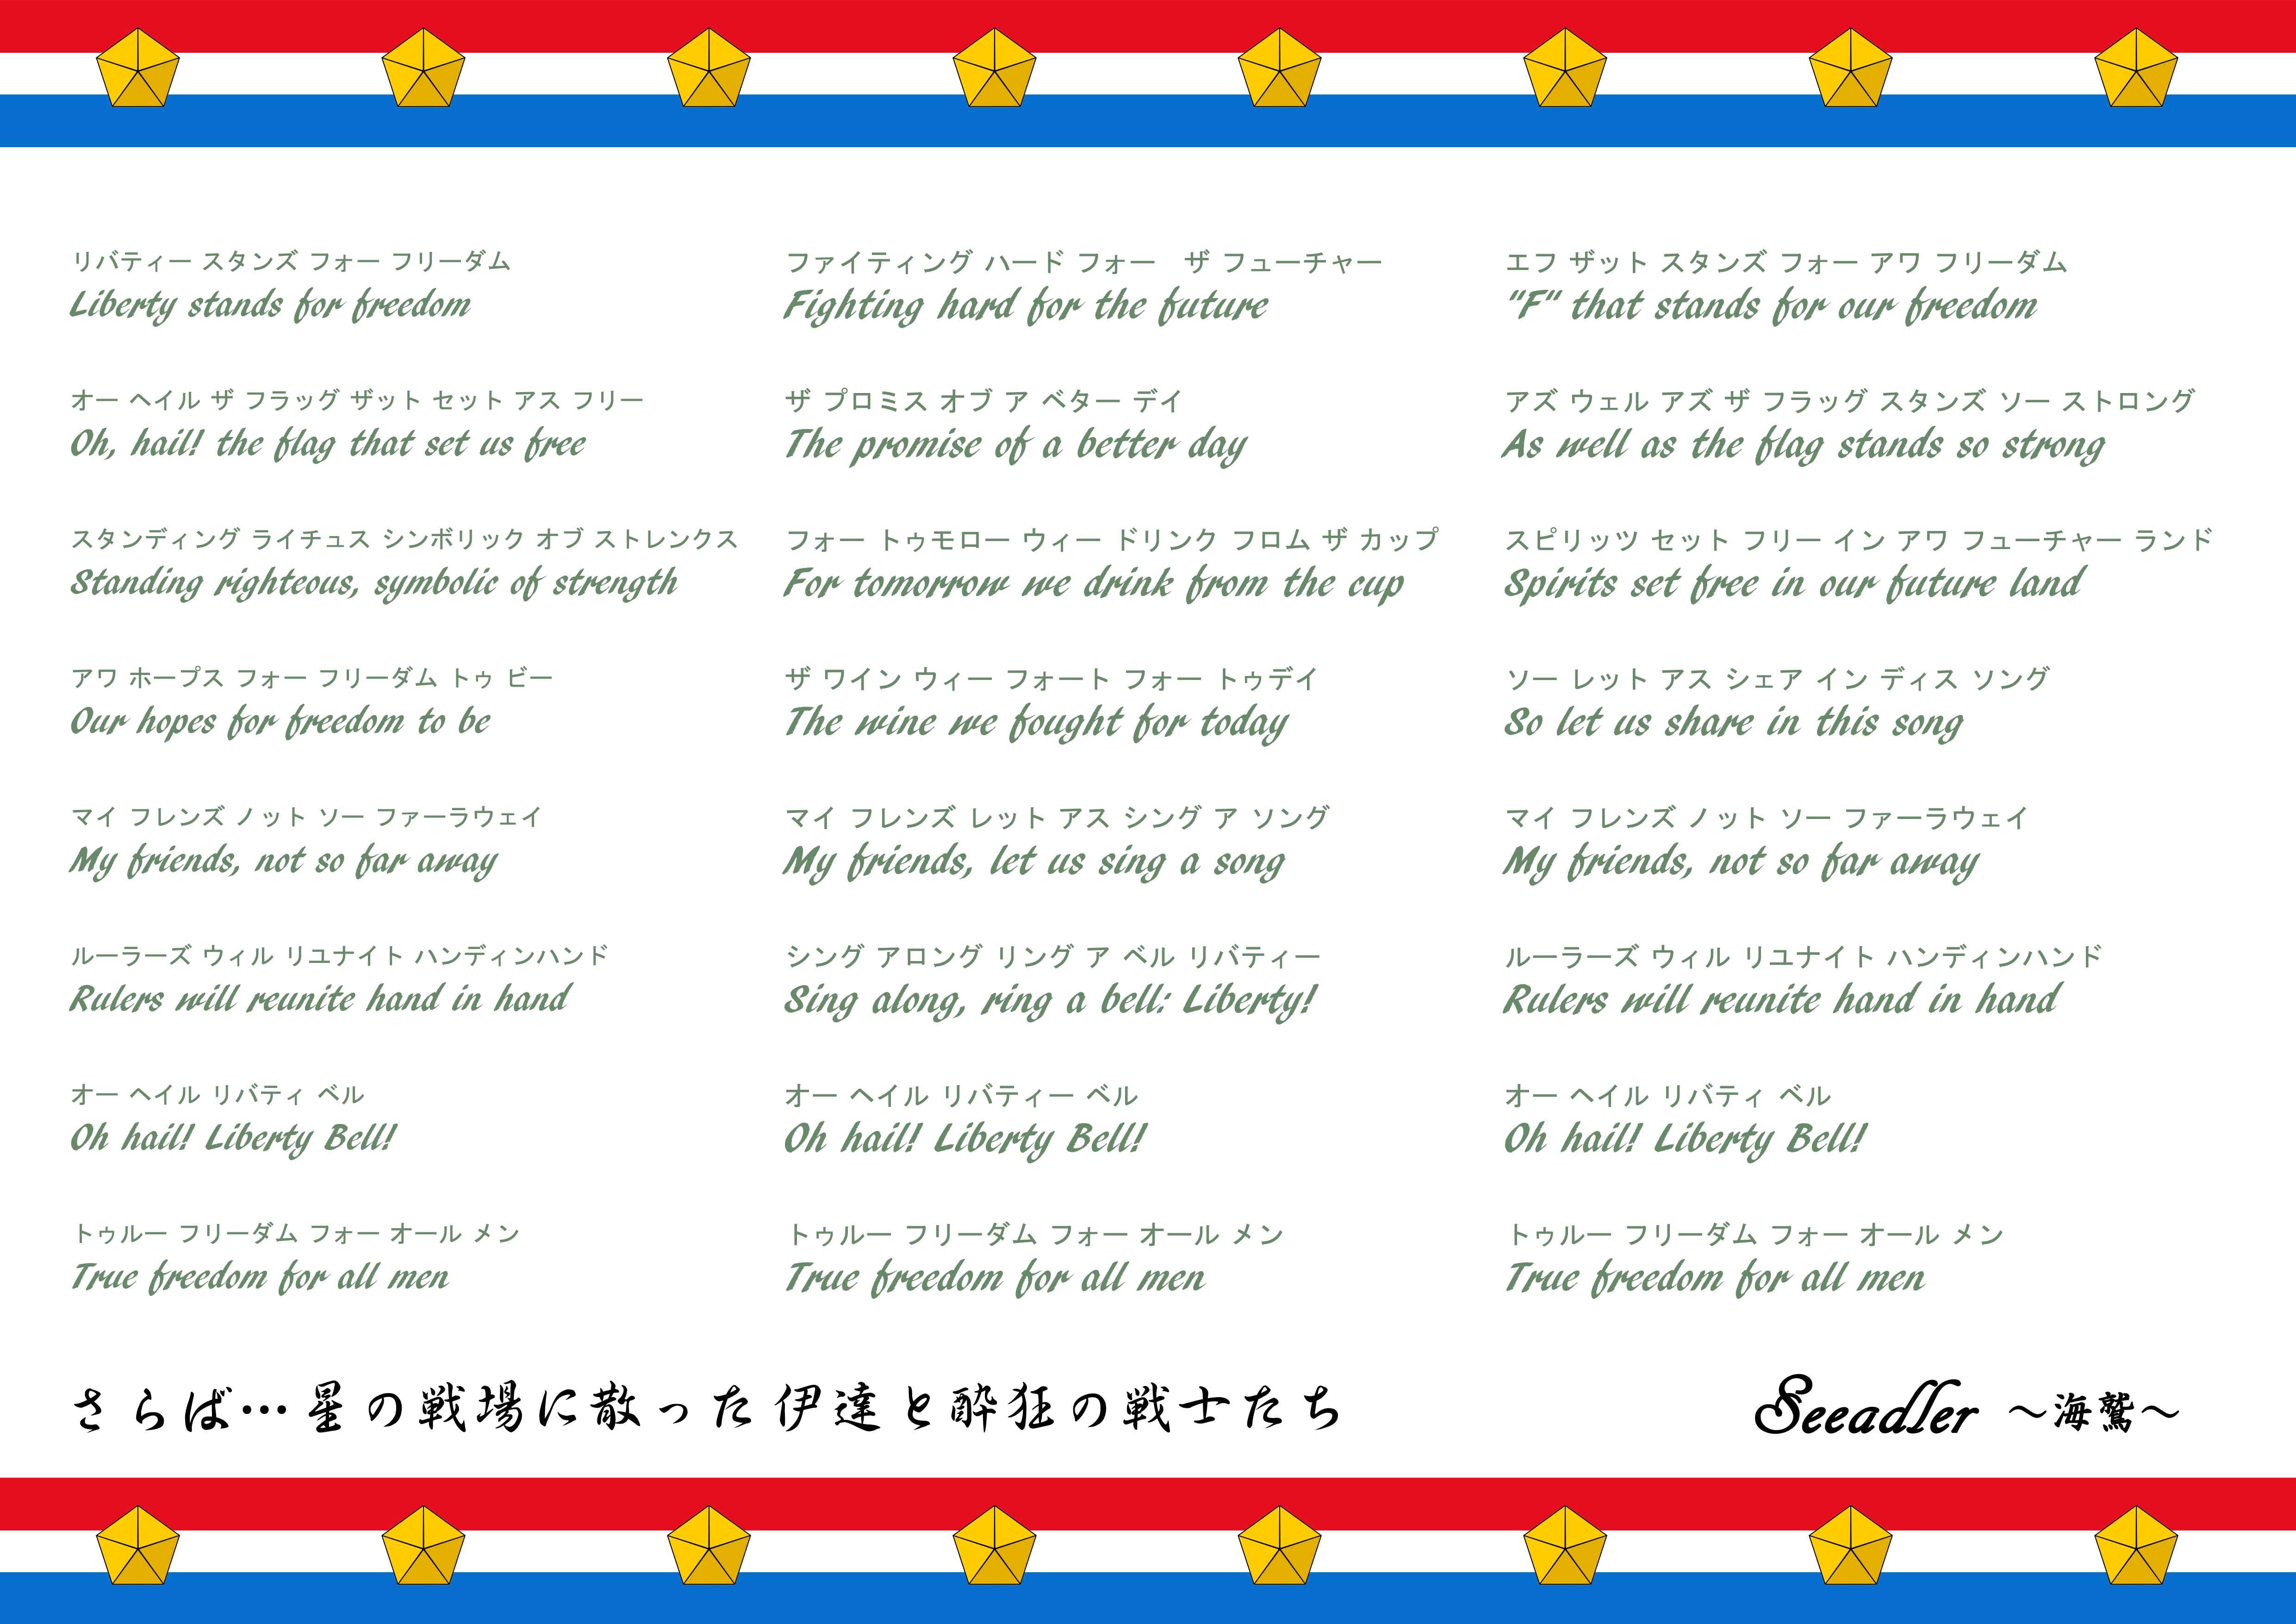 同盟国歌ブログ用